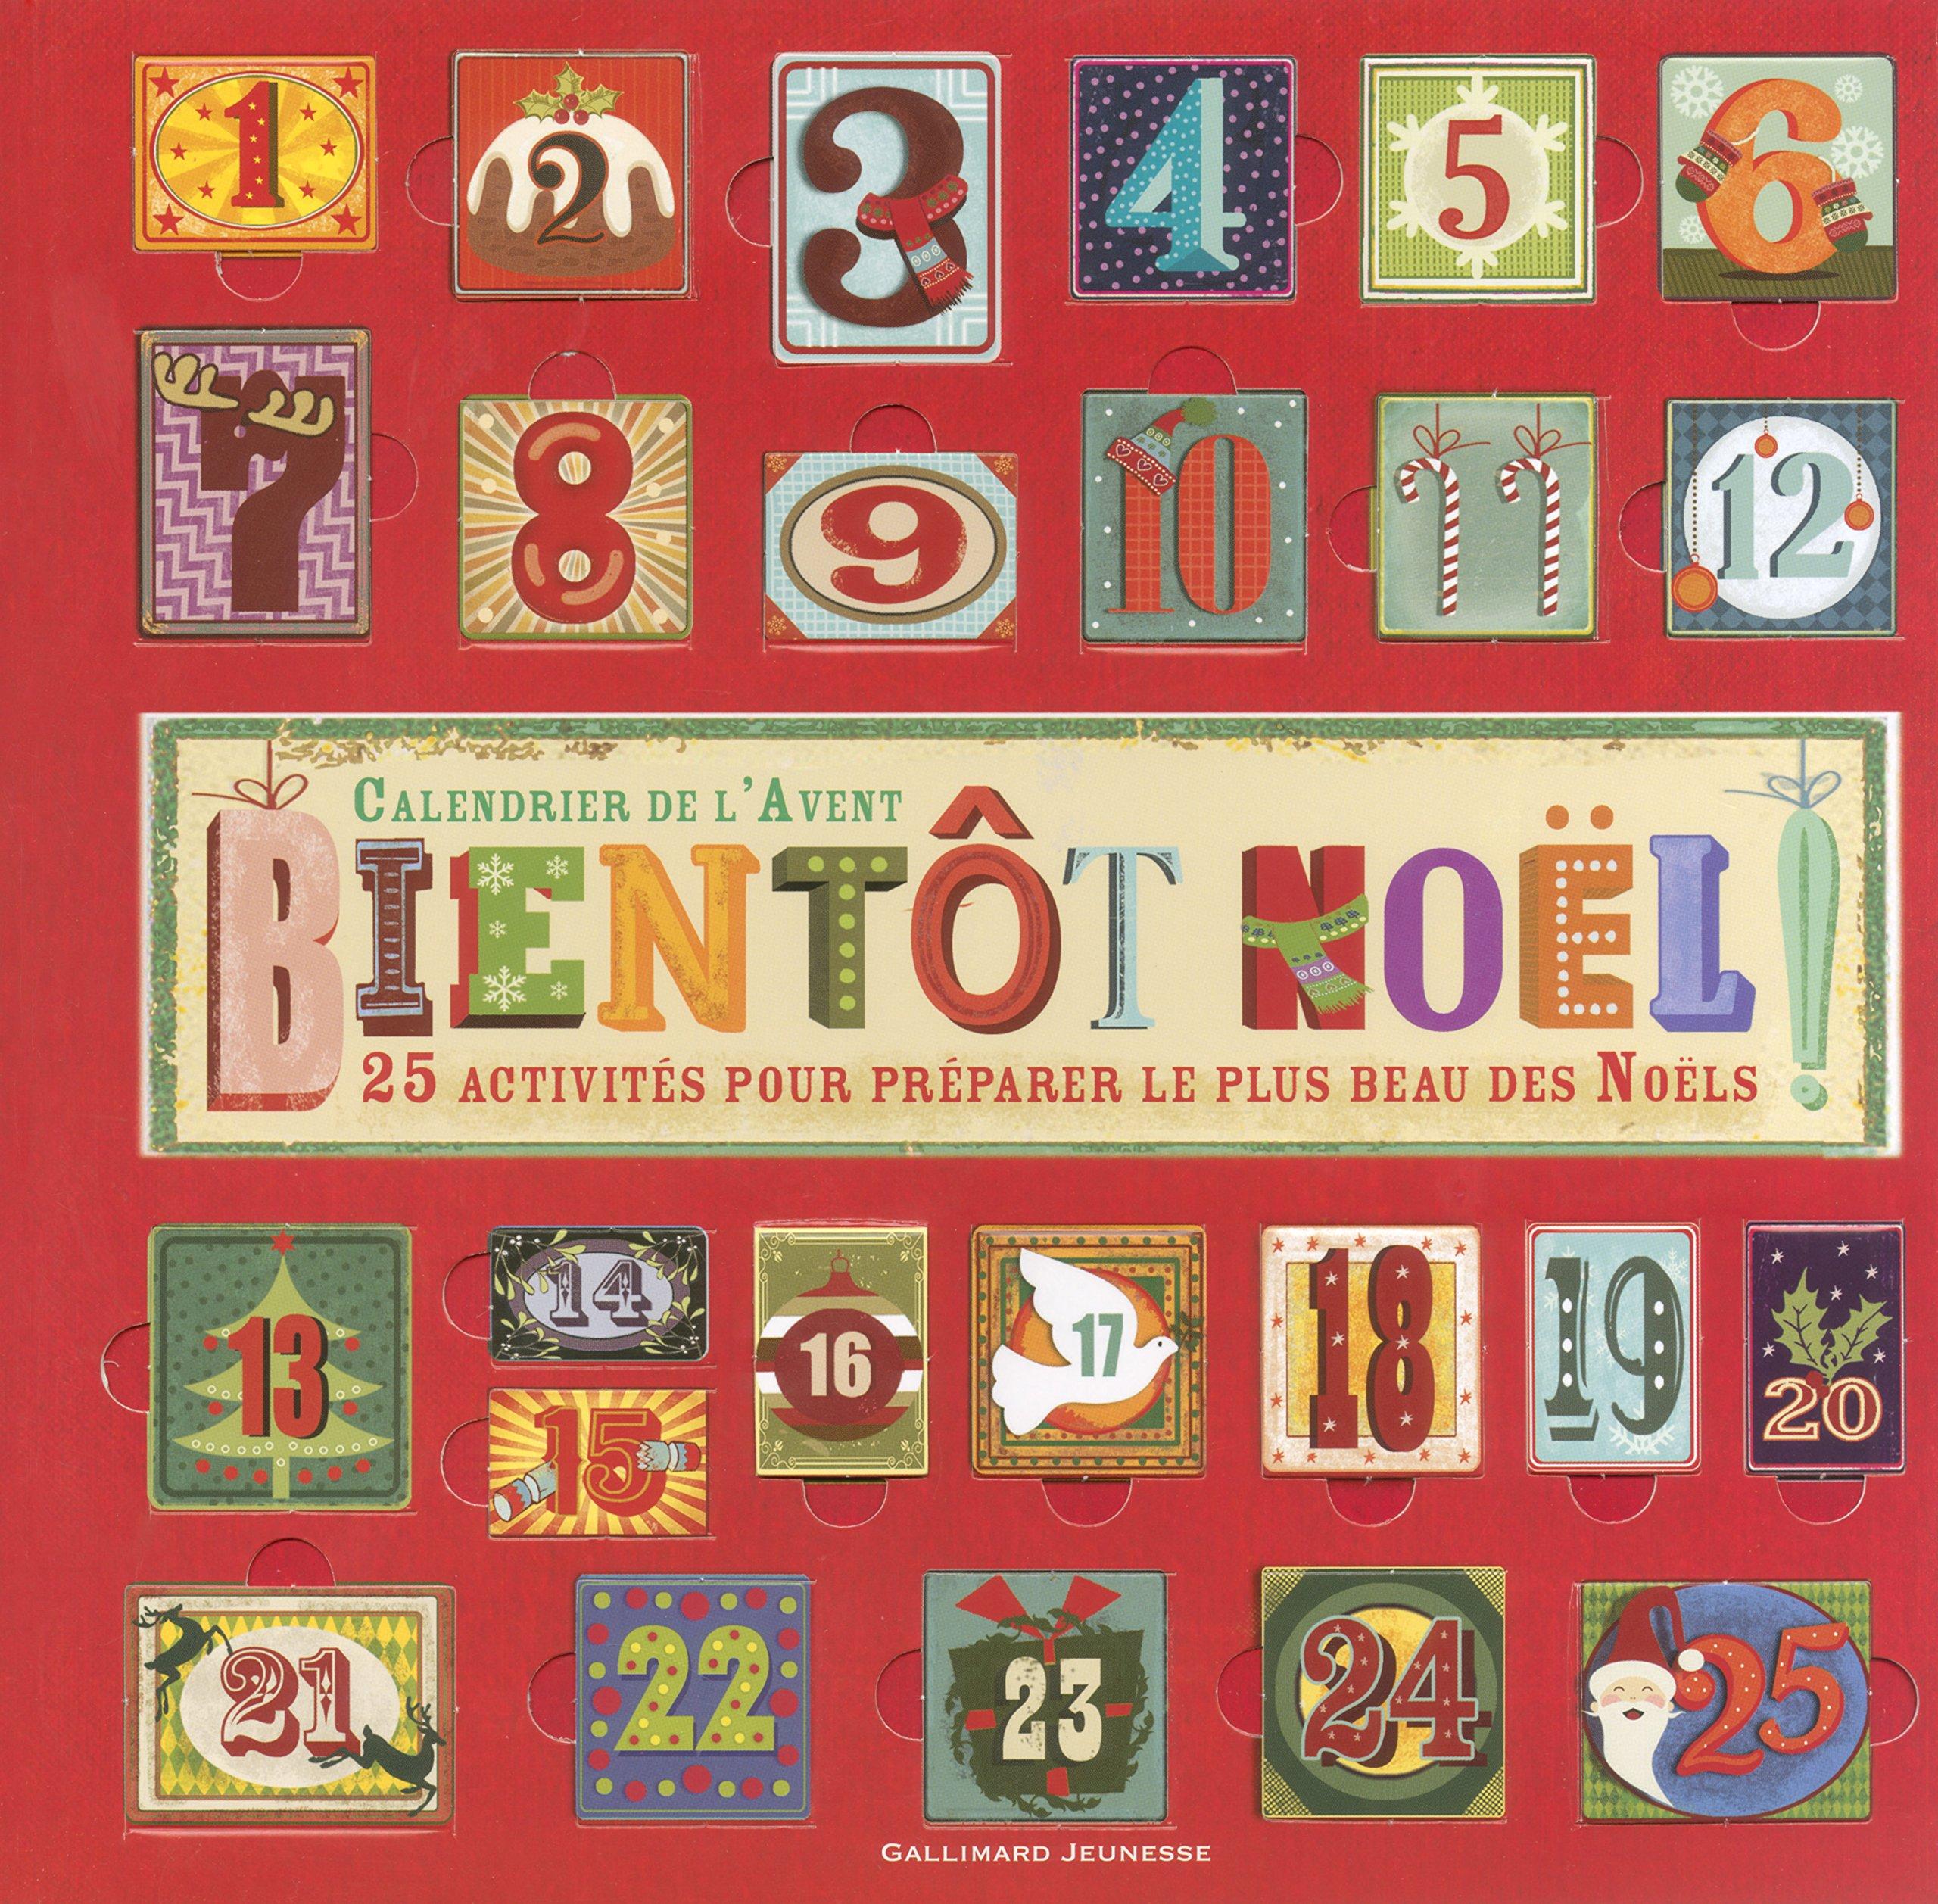 Calendrier D Avent.Amazon Fr Bientot Noel Calendrier De L Avent Gina